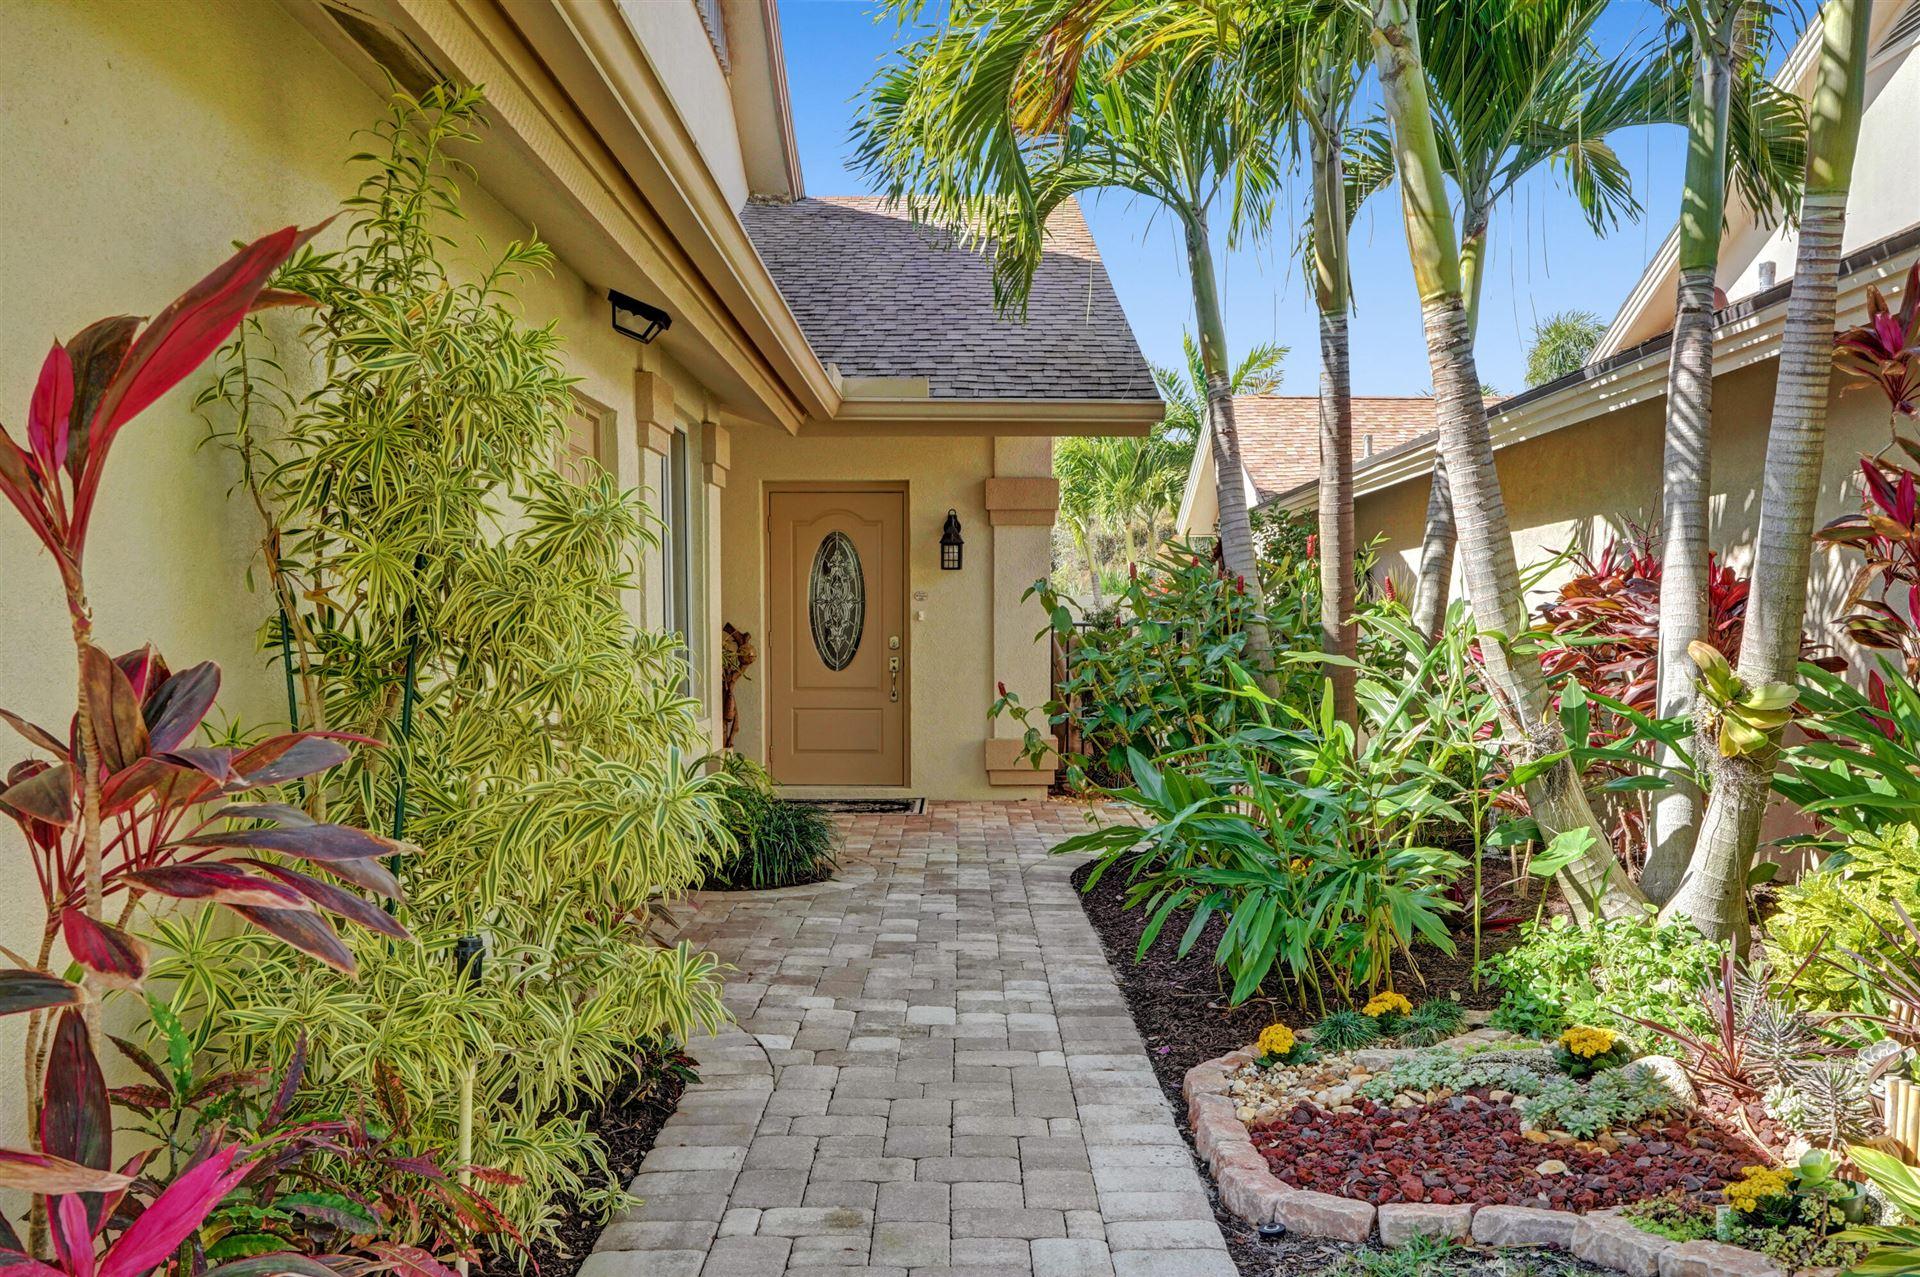 Photo of 146 Sand Pine Drive, Jupiter, FL 33477 (MLS # RX-10691812)